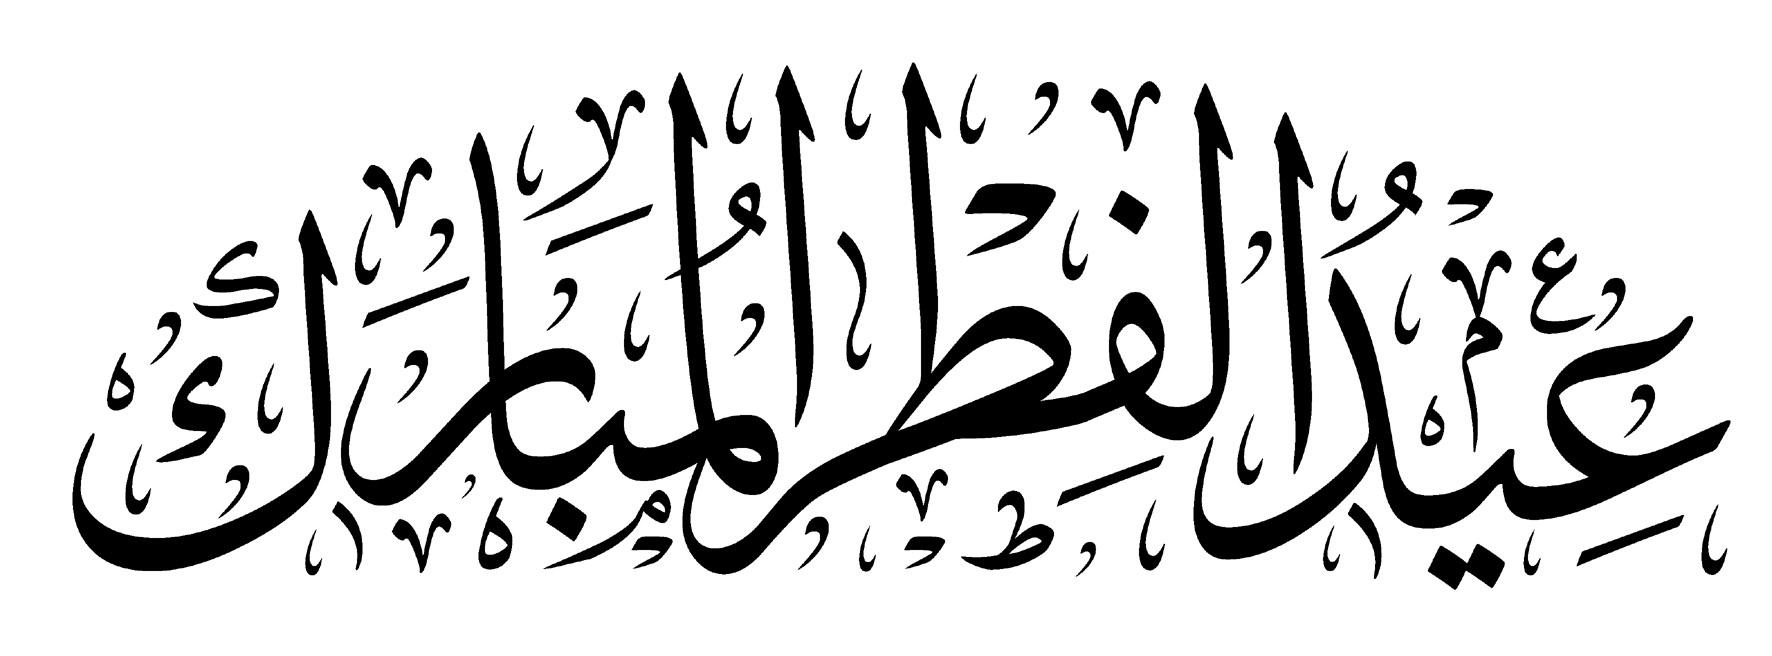 موعد أول أيام عيد الفطر 2021 في مصر والسعودية والدول العربية ونهاية رمضان فلكياً وموعد صلاة العيد 2